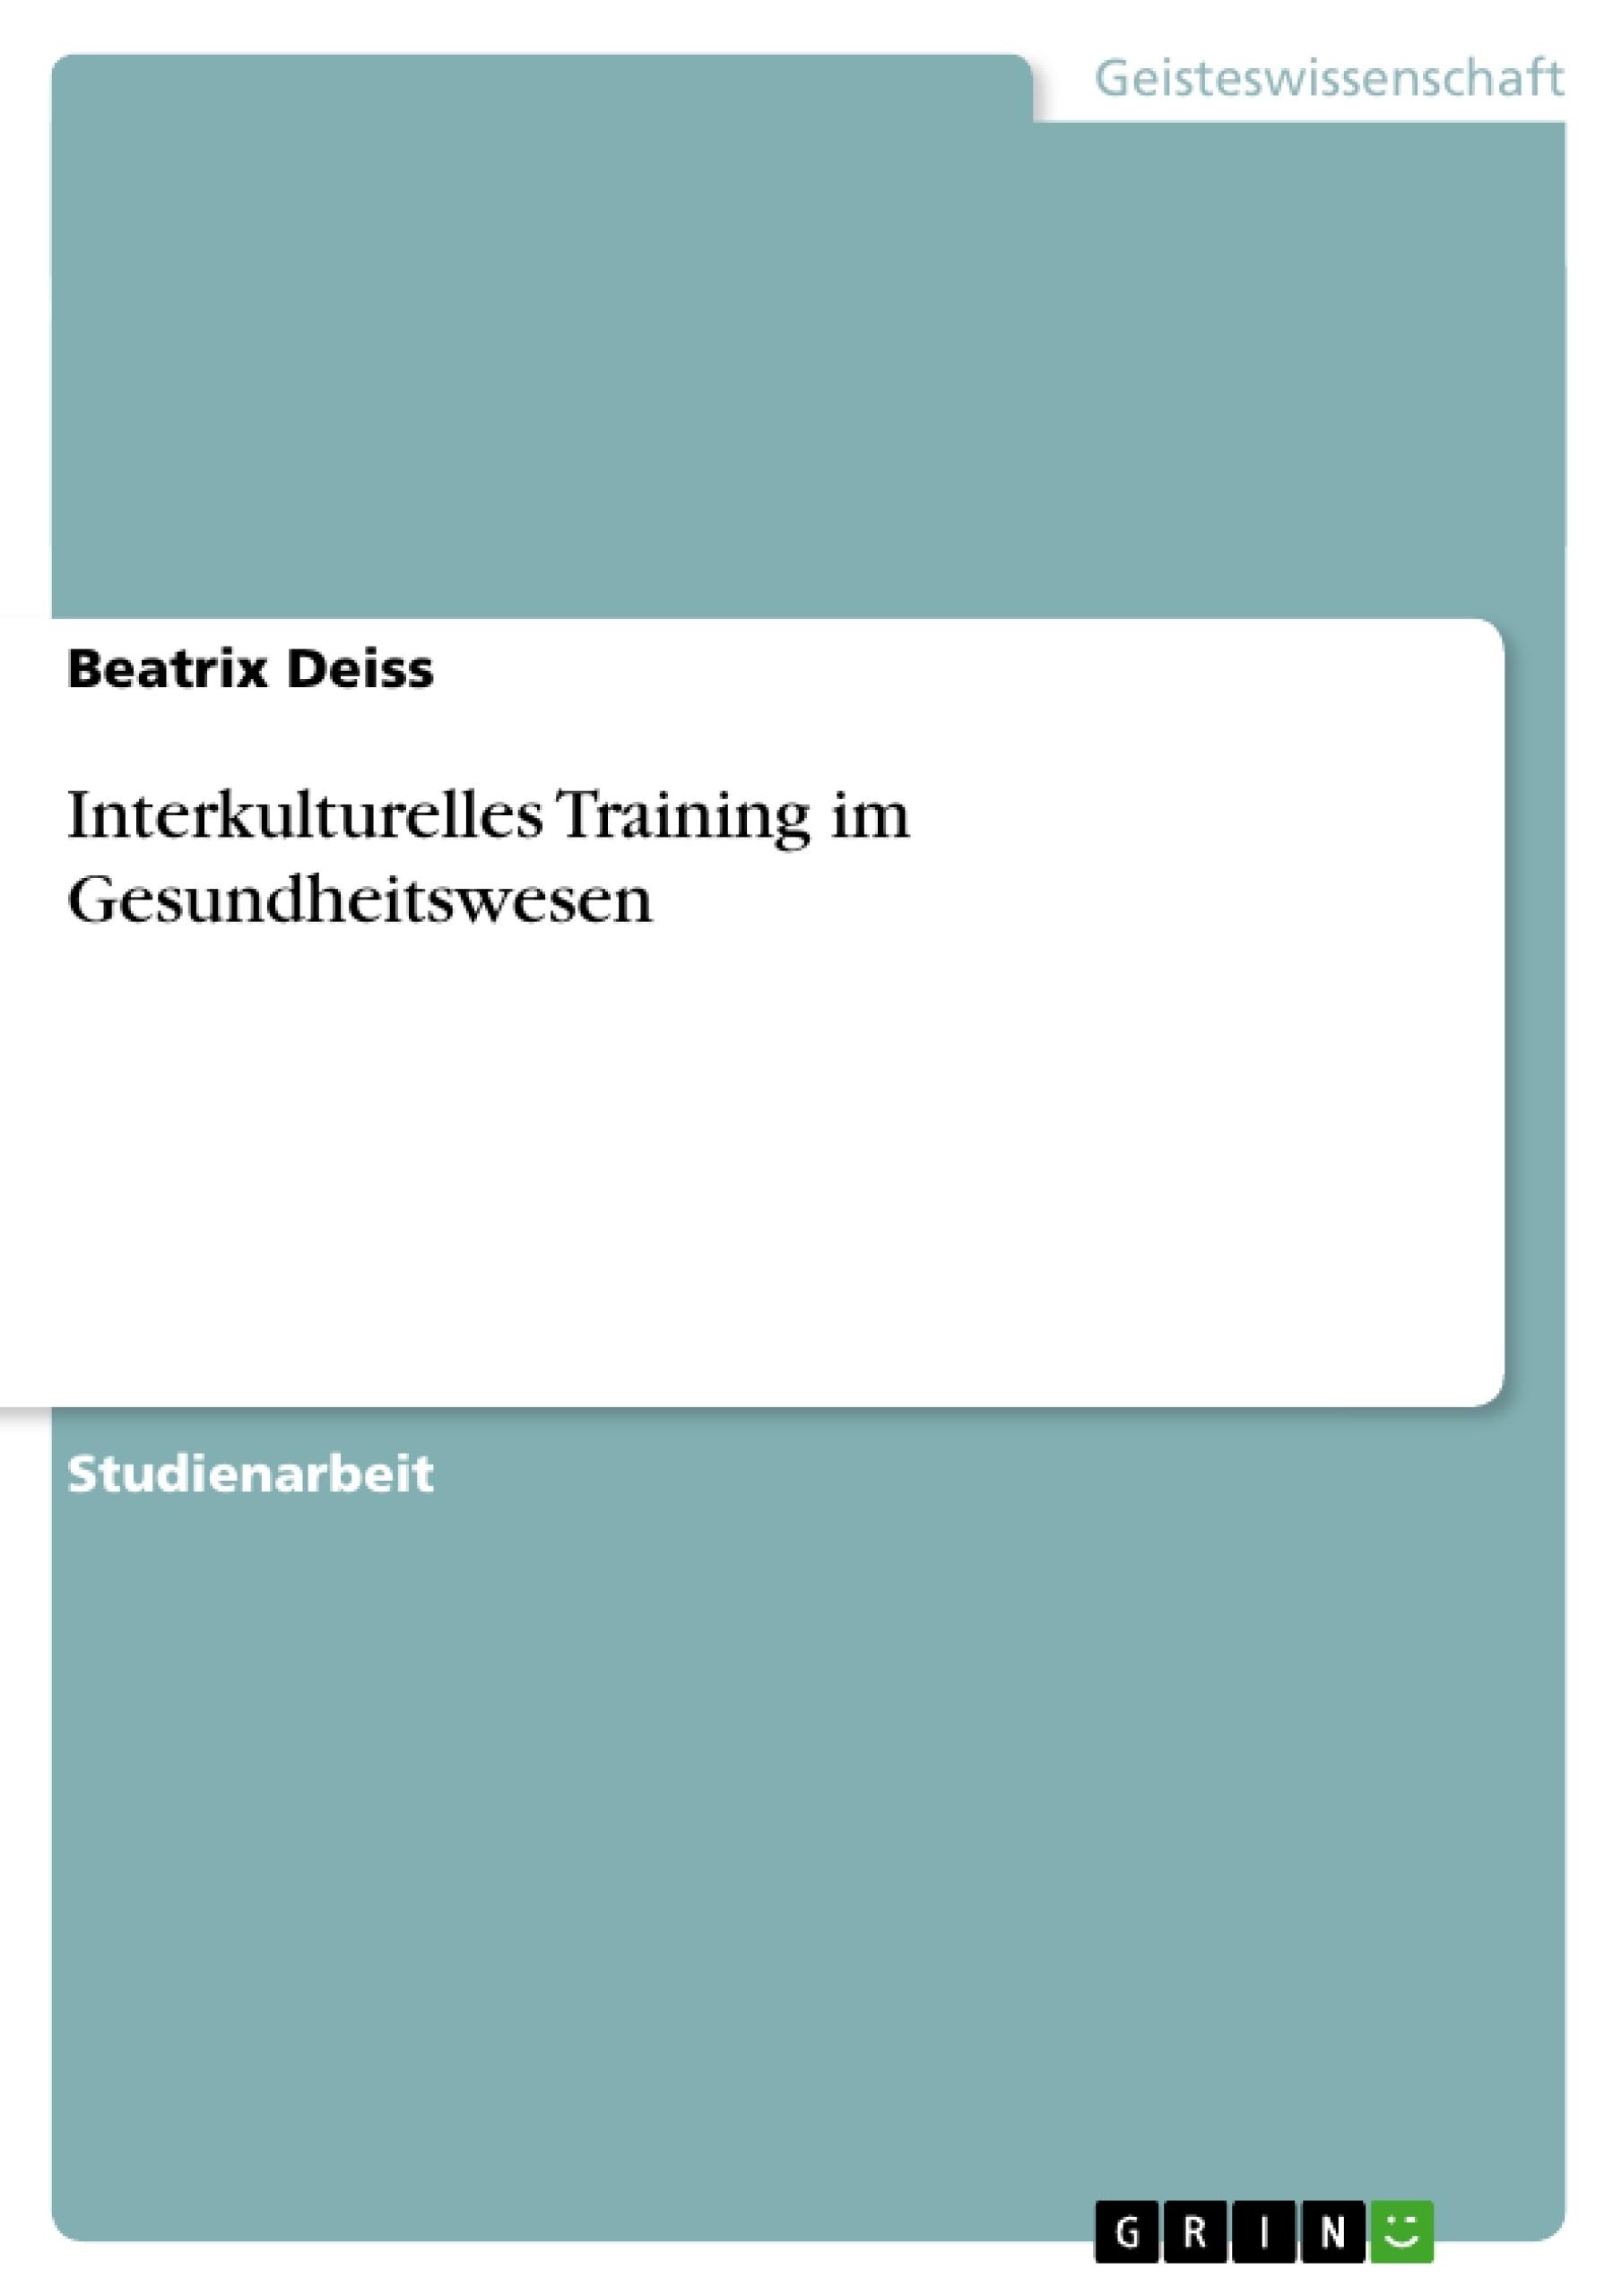 Titel: Interkulturelles Training im Gesundheitswesen